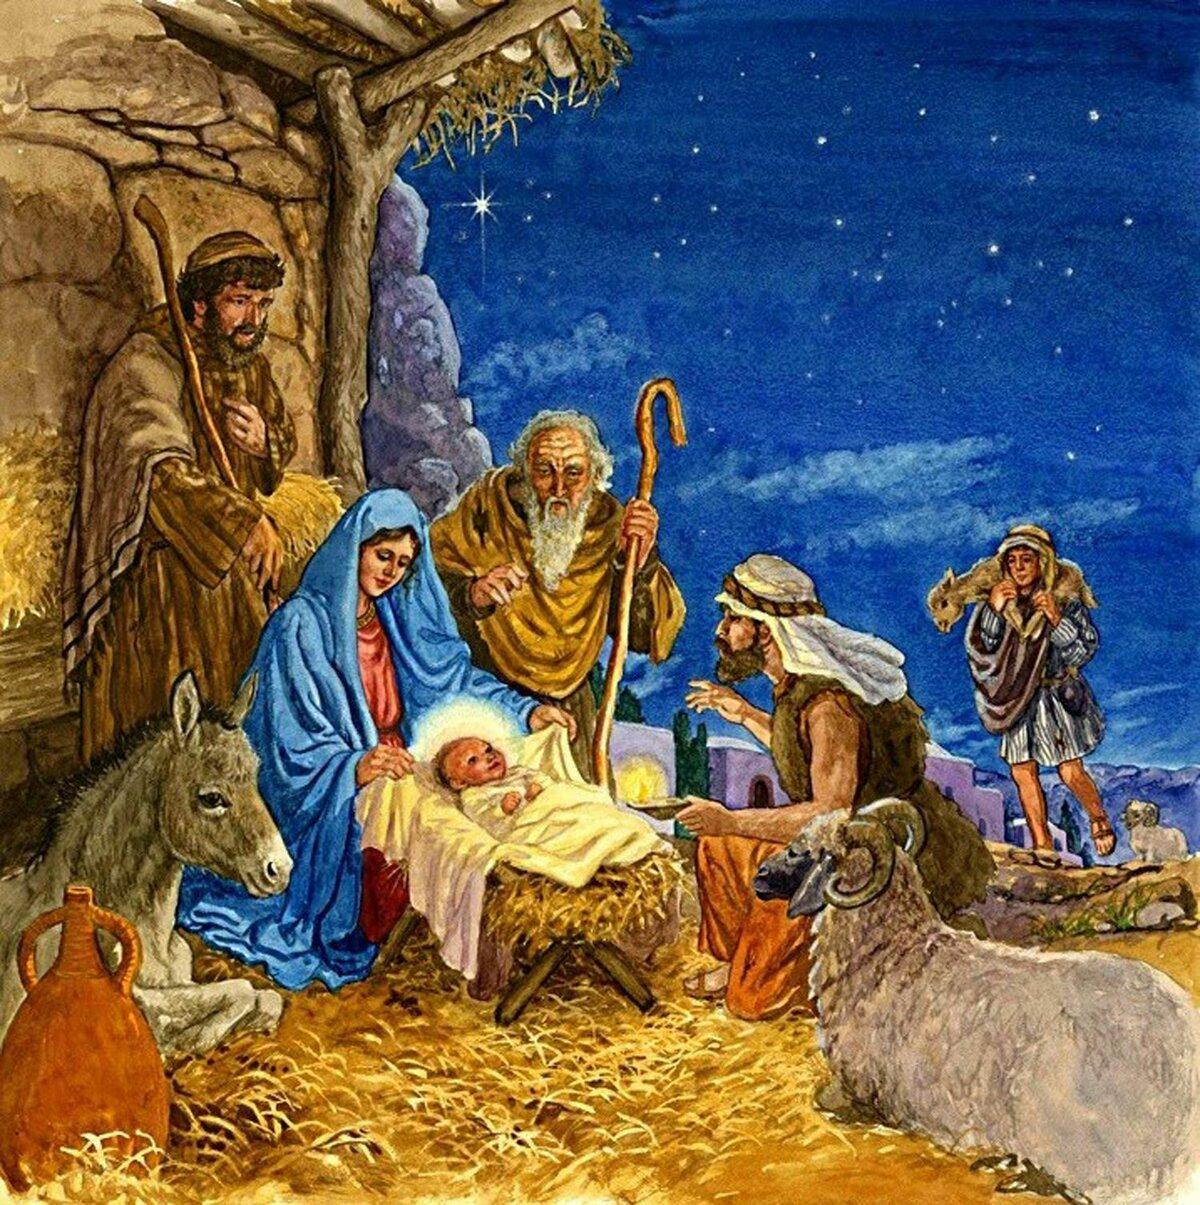 Открытки днем, открытки с рождением иисуса